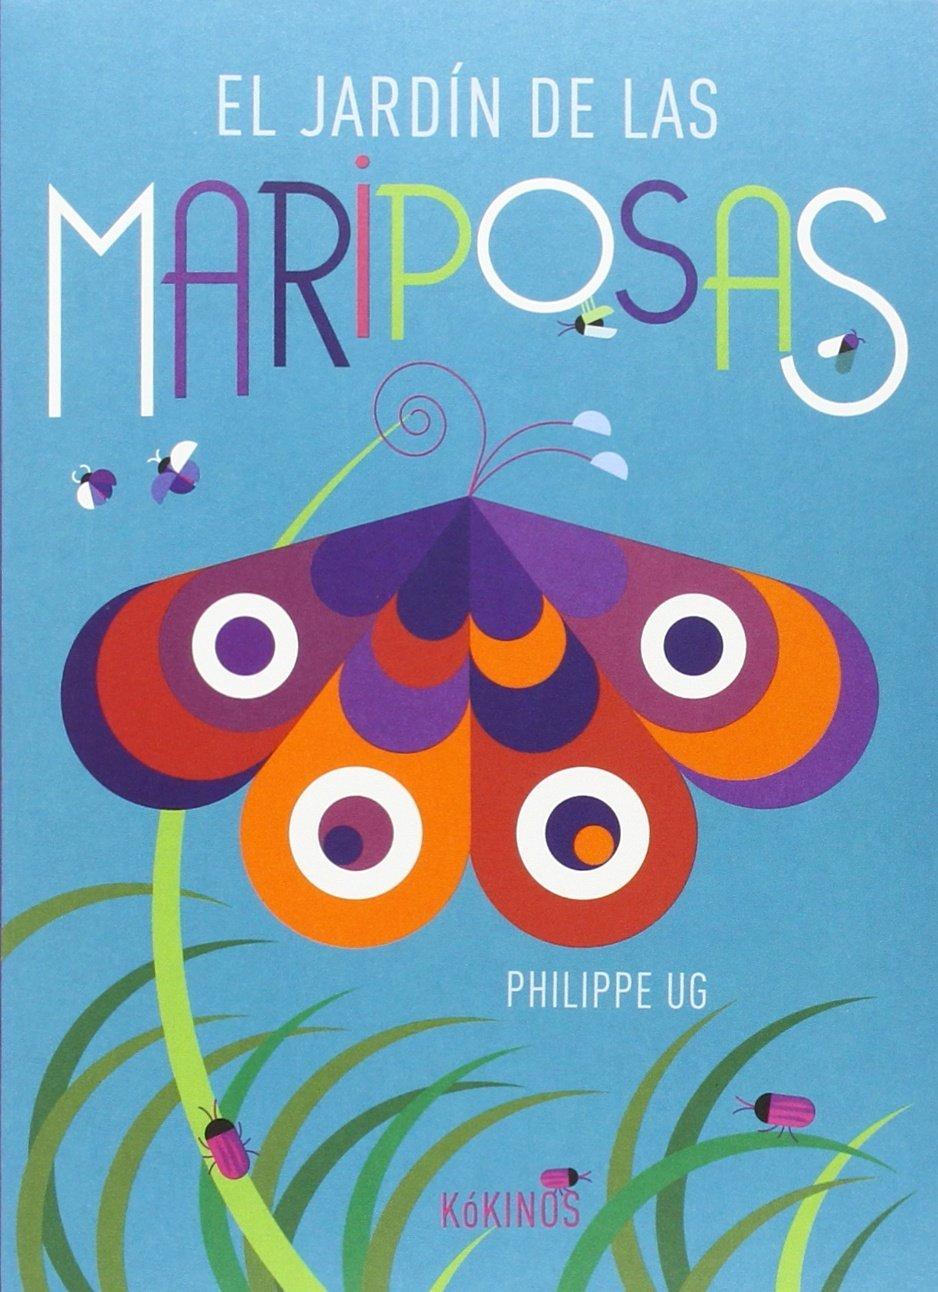 El jardín de las mariposas: Amazon.es: Ug, Philippe, Rubio Muñoz, Esther: Libros